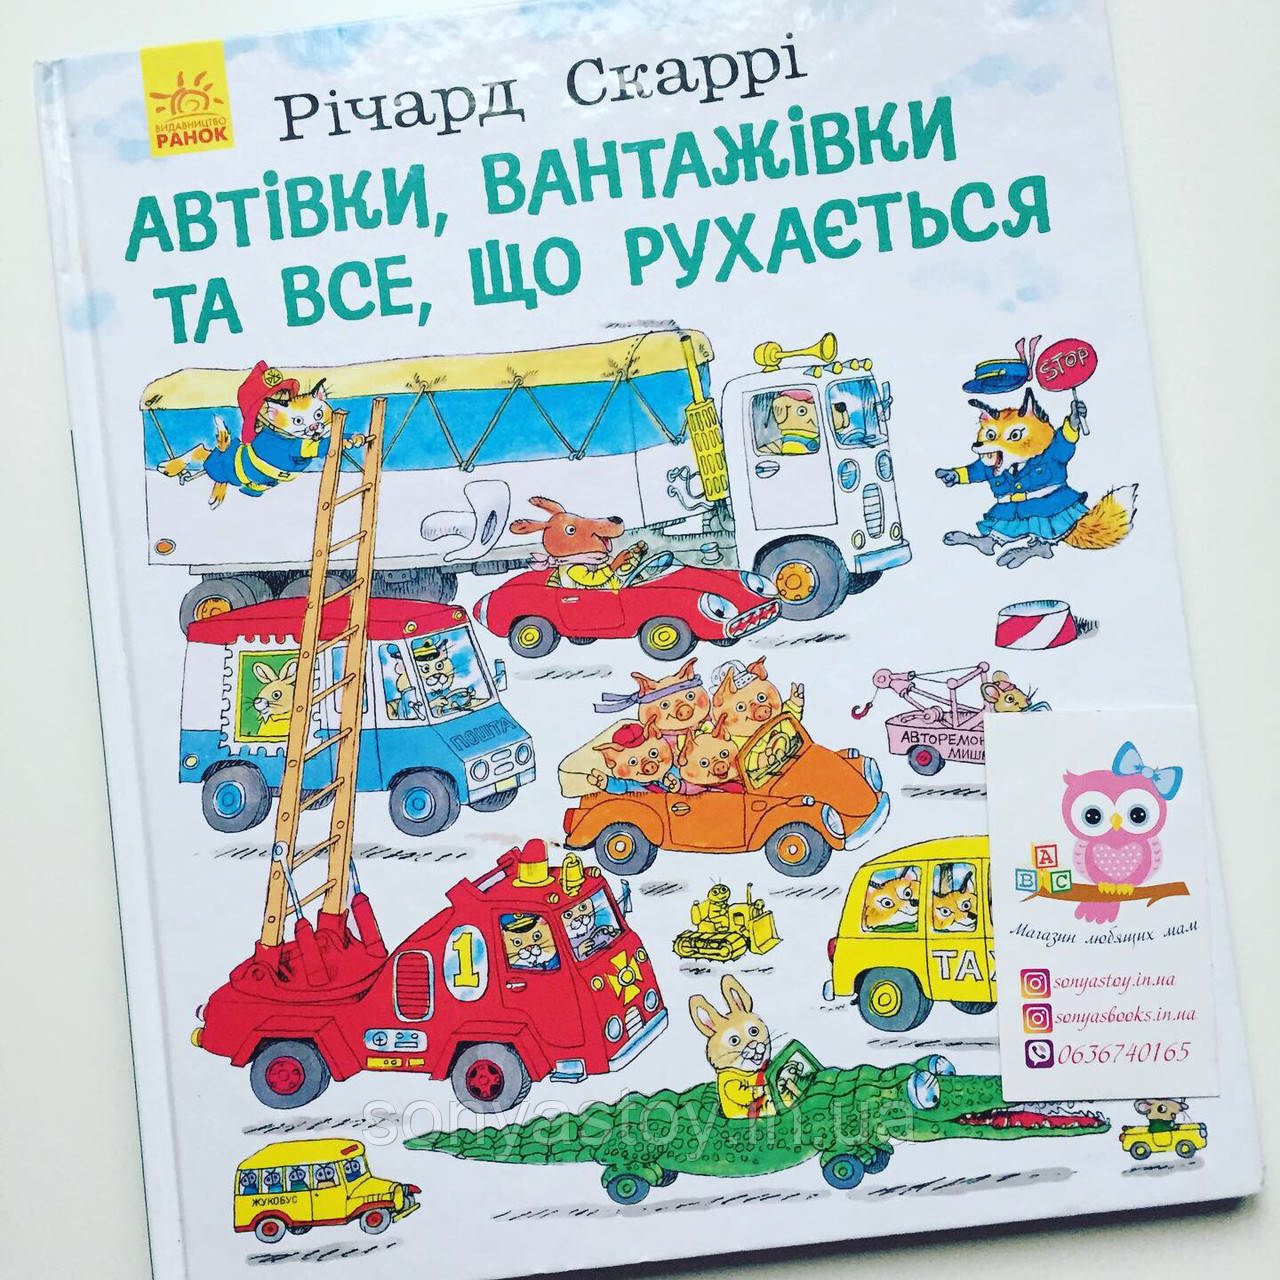 Книга Автівки, вантажівки та все, що рухається. Річард Скаррі, 3+